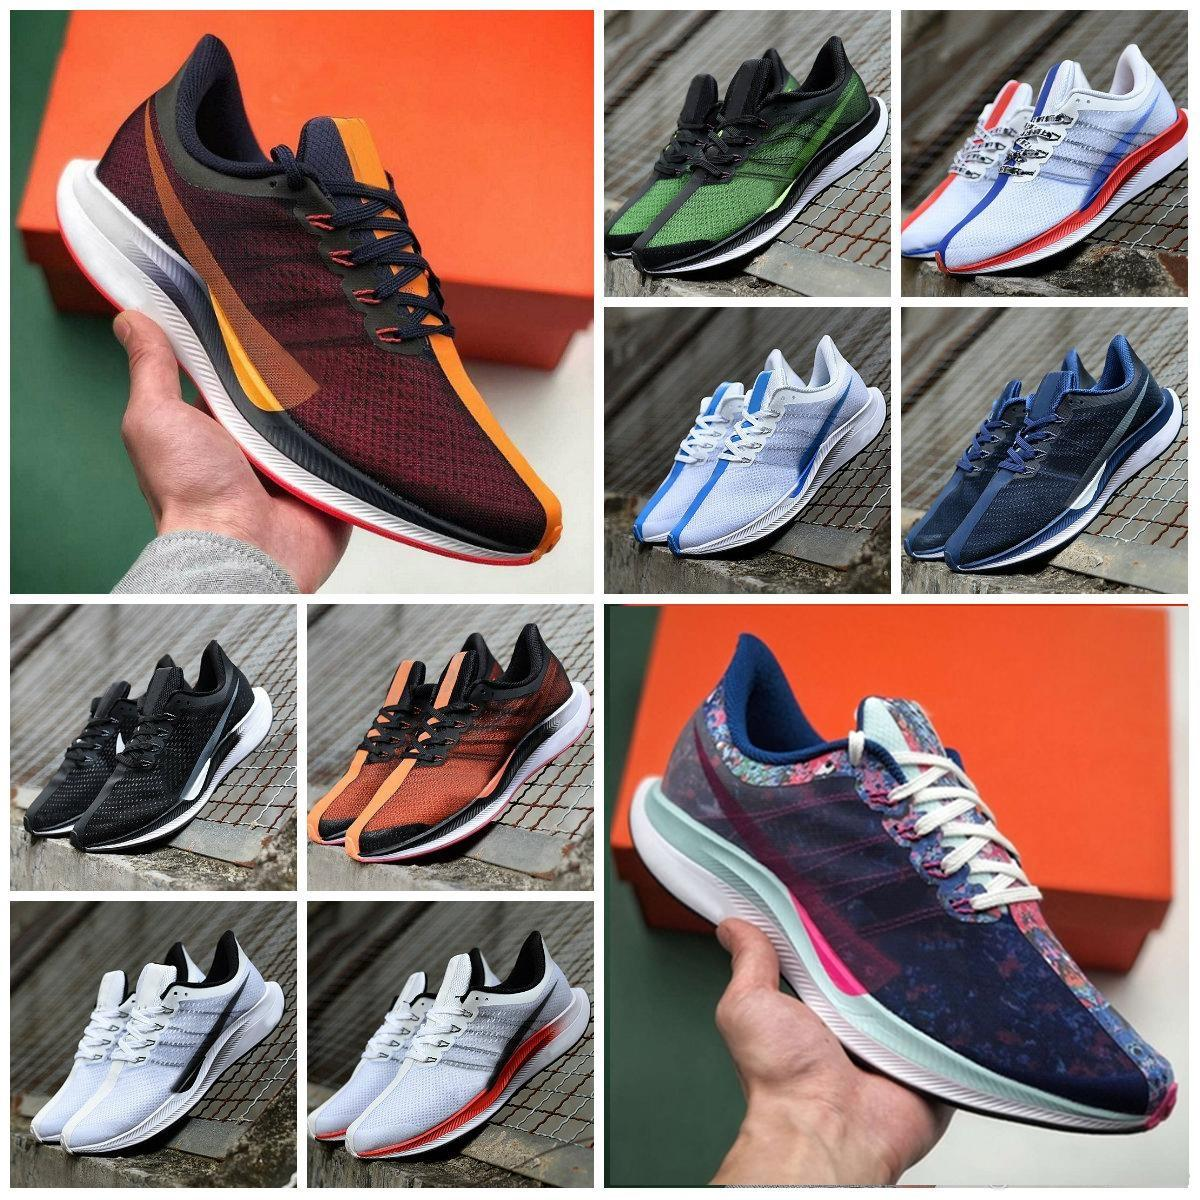 Designer 2020 Nouveau Zoom Air Zoom Pegasus Turbo 35 hommes Chaussures pour femmes Formateurs WMNS XX Gauze Filet Gauze Casual Sports Sports de luxe Sport